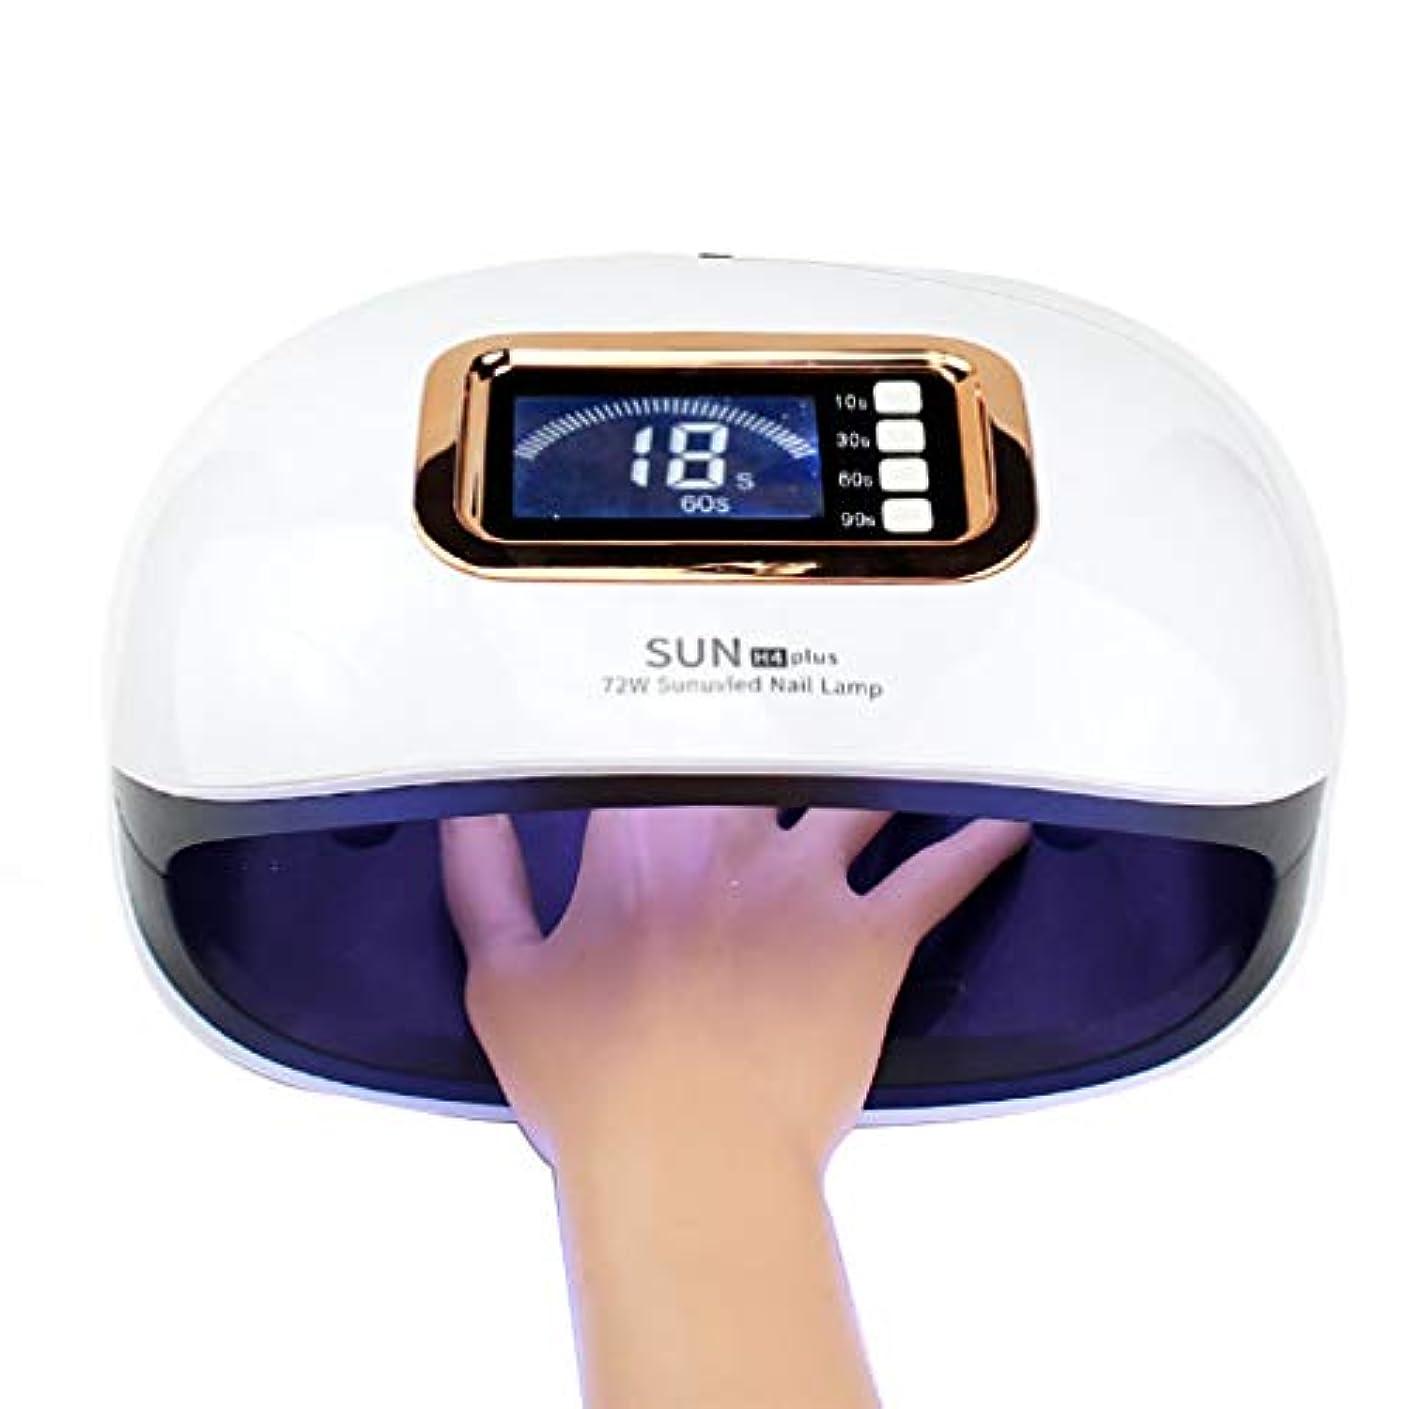 ねばねばウガンダ甲虫スマートネイルライト、痛みのないネイルドライヤー、ネイル光線療法機、マルチステップタイミング、36 UV/LEDランプビーズ、取り外し可能なボトムプレート